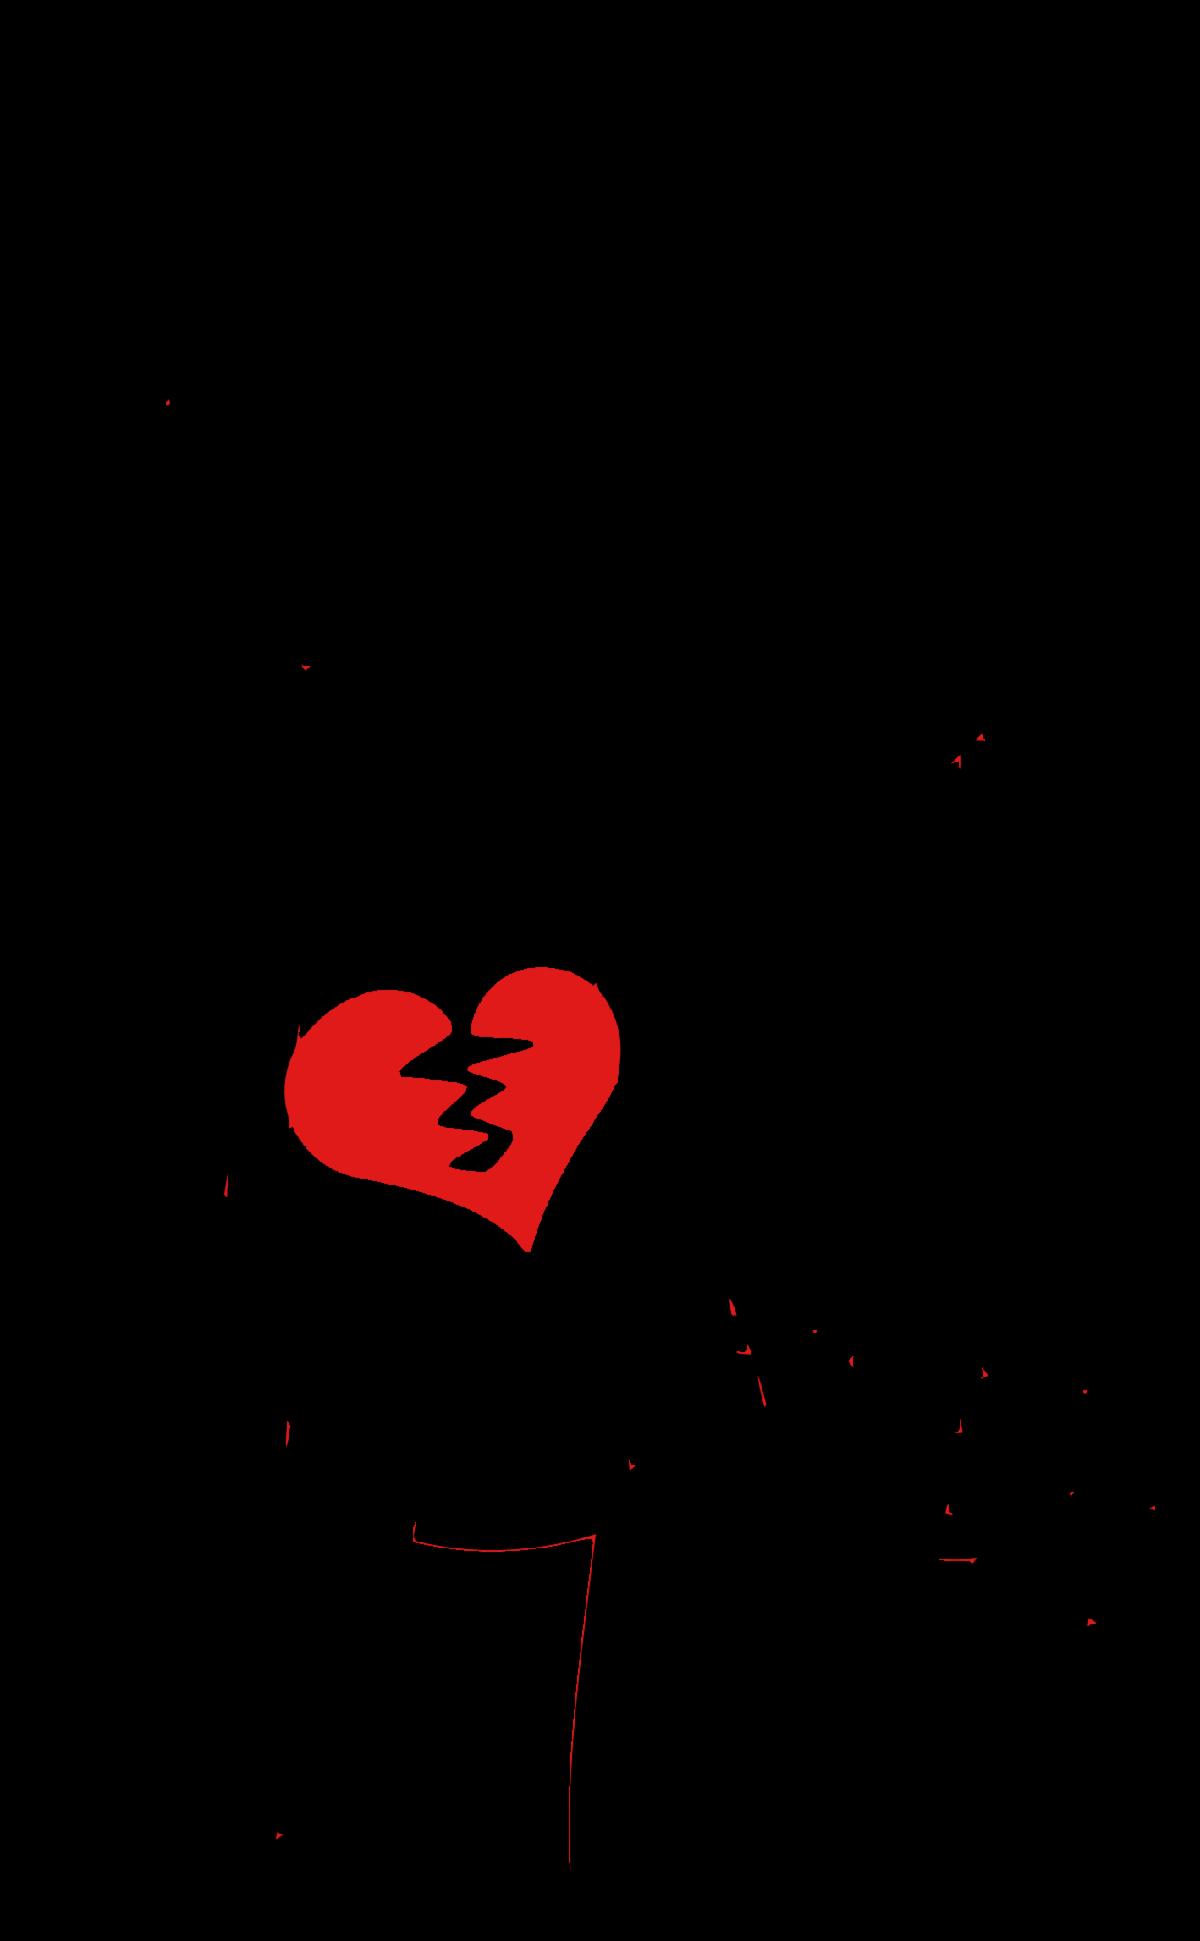 broken heart stick figure